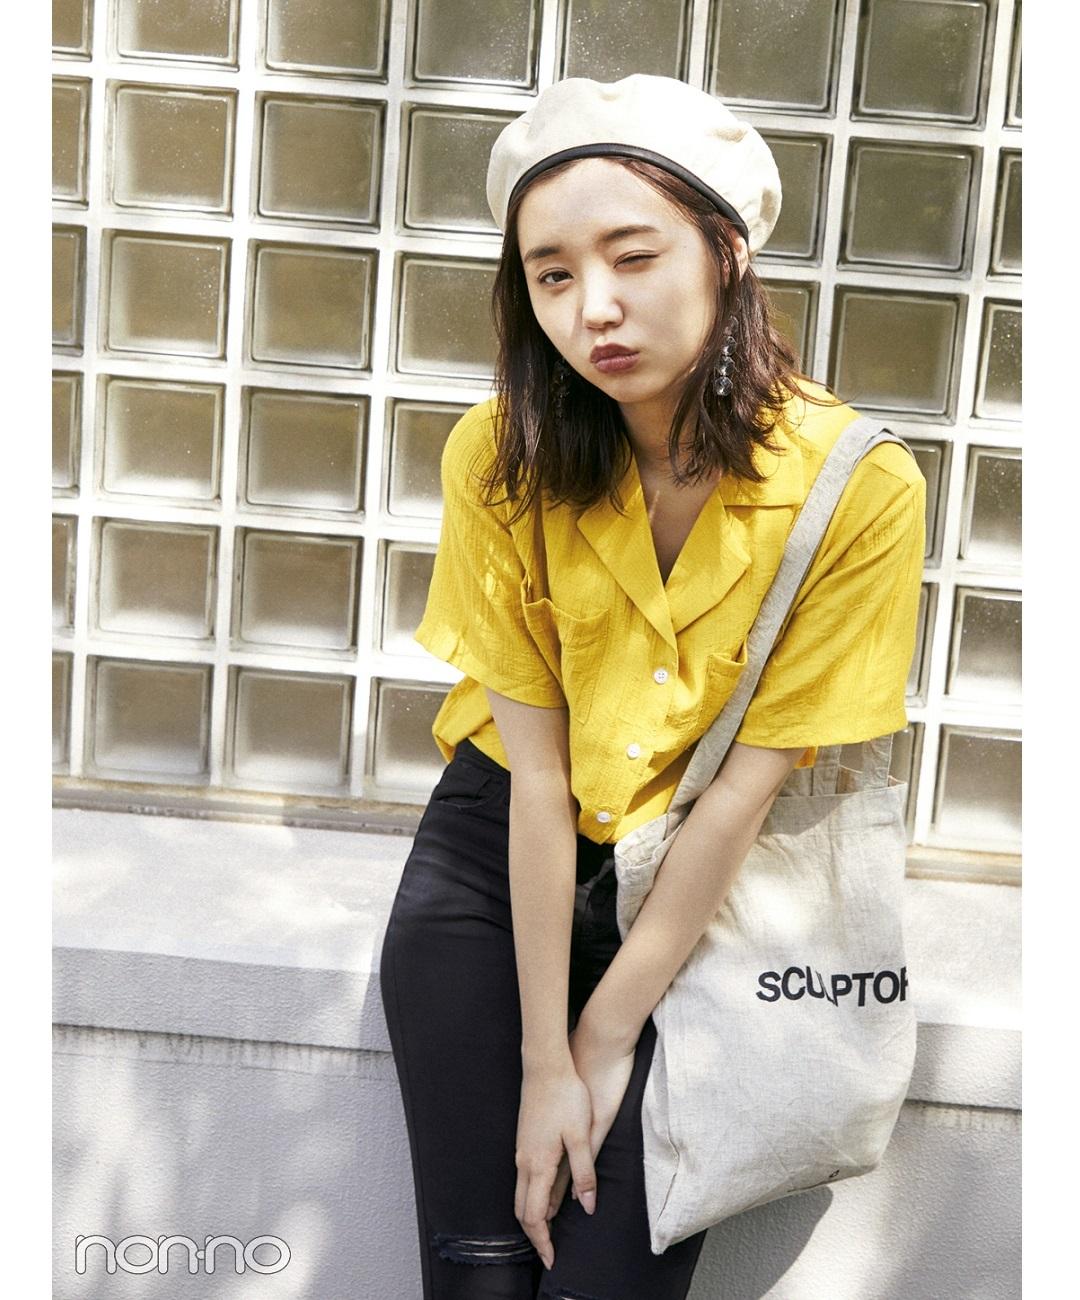 【夏のシャツコーデ】江野沢愛美の韓国MIXコーデはメンズライク